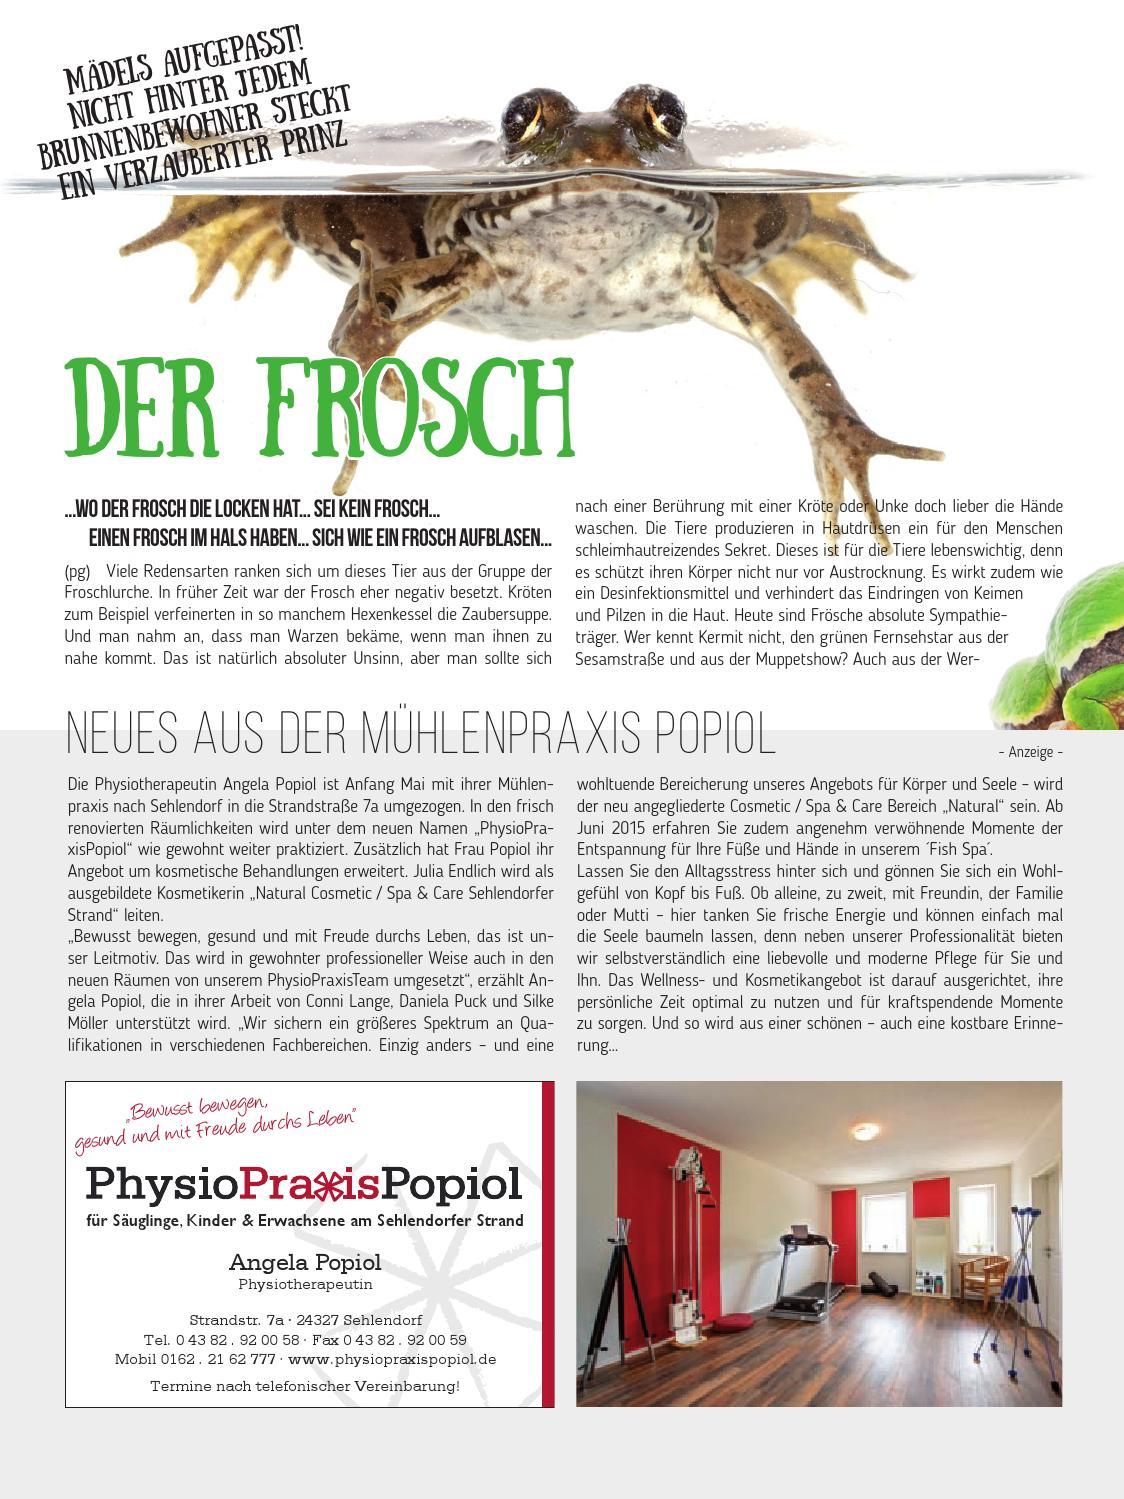 Heins Magazin Mai 2015 By Inpuncto Werbung Issuu